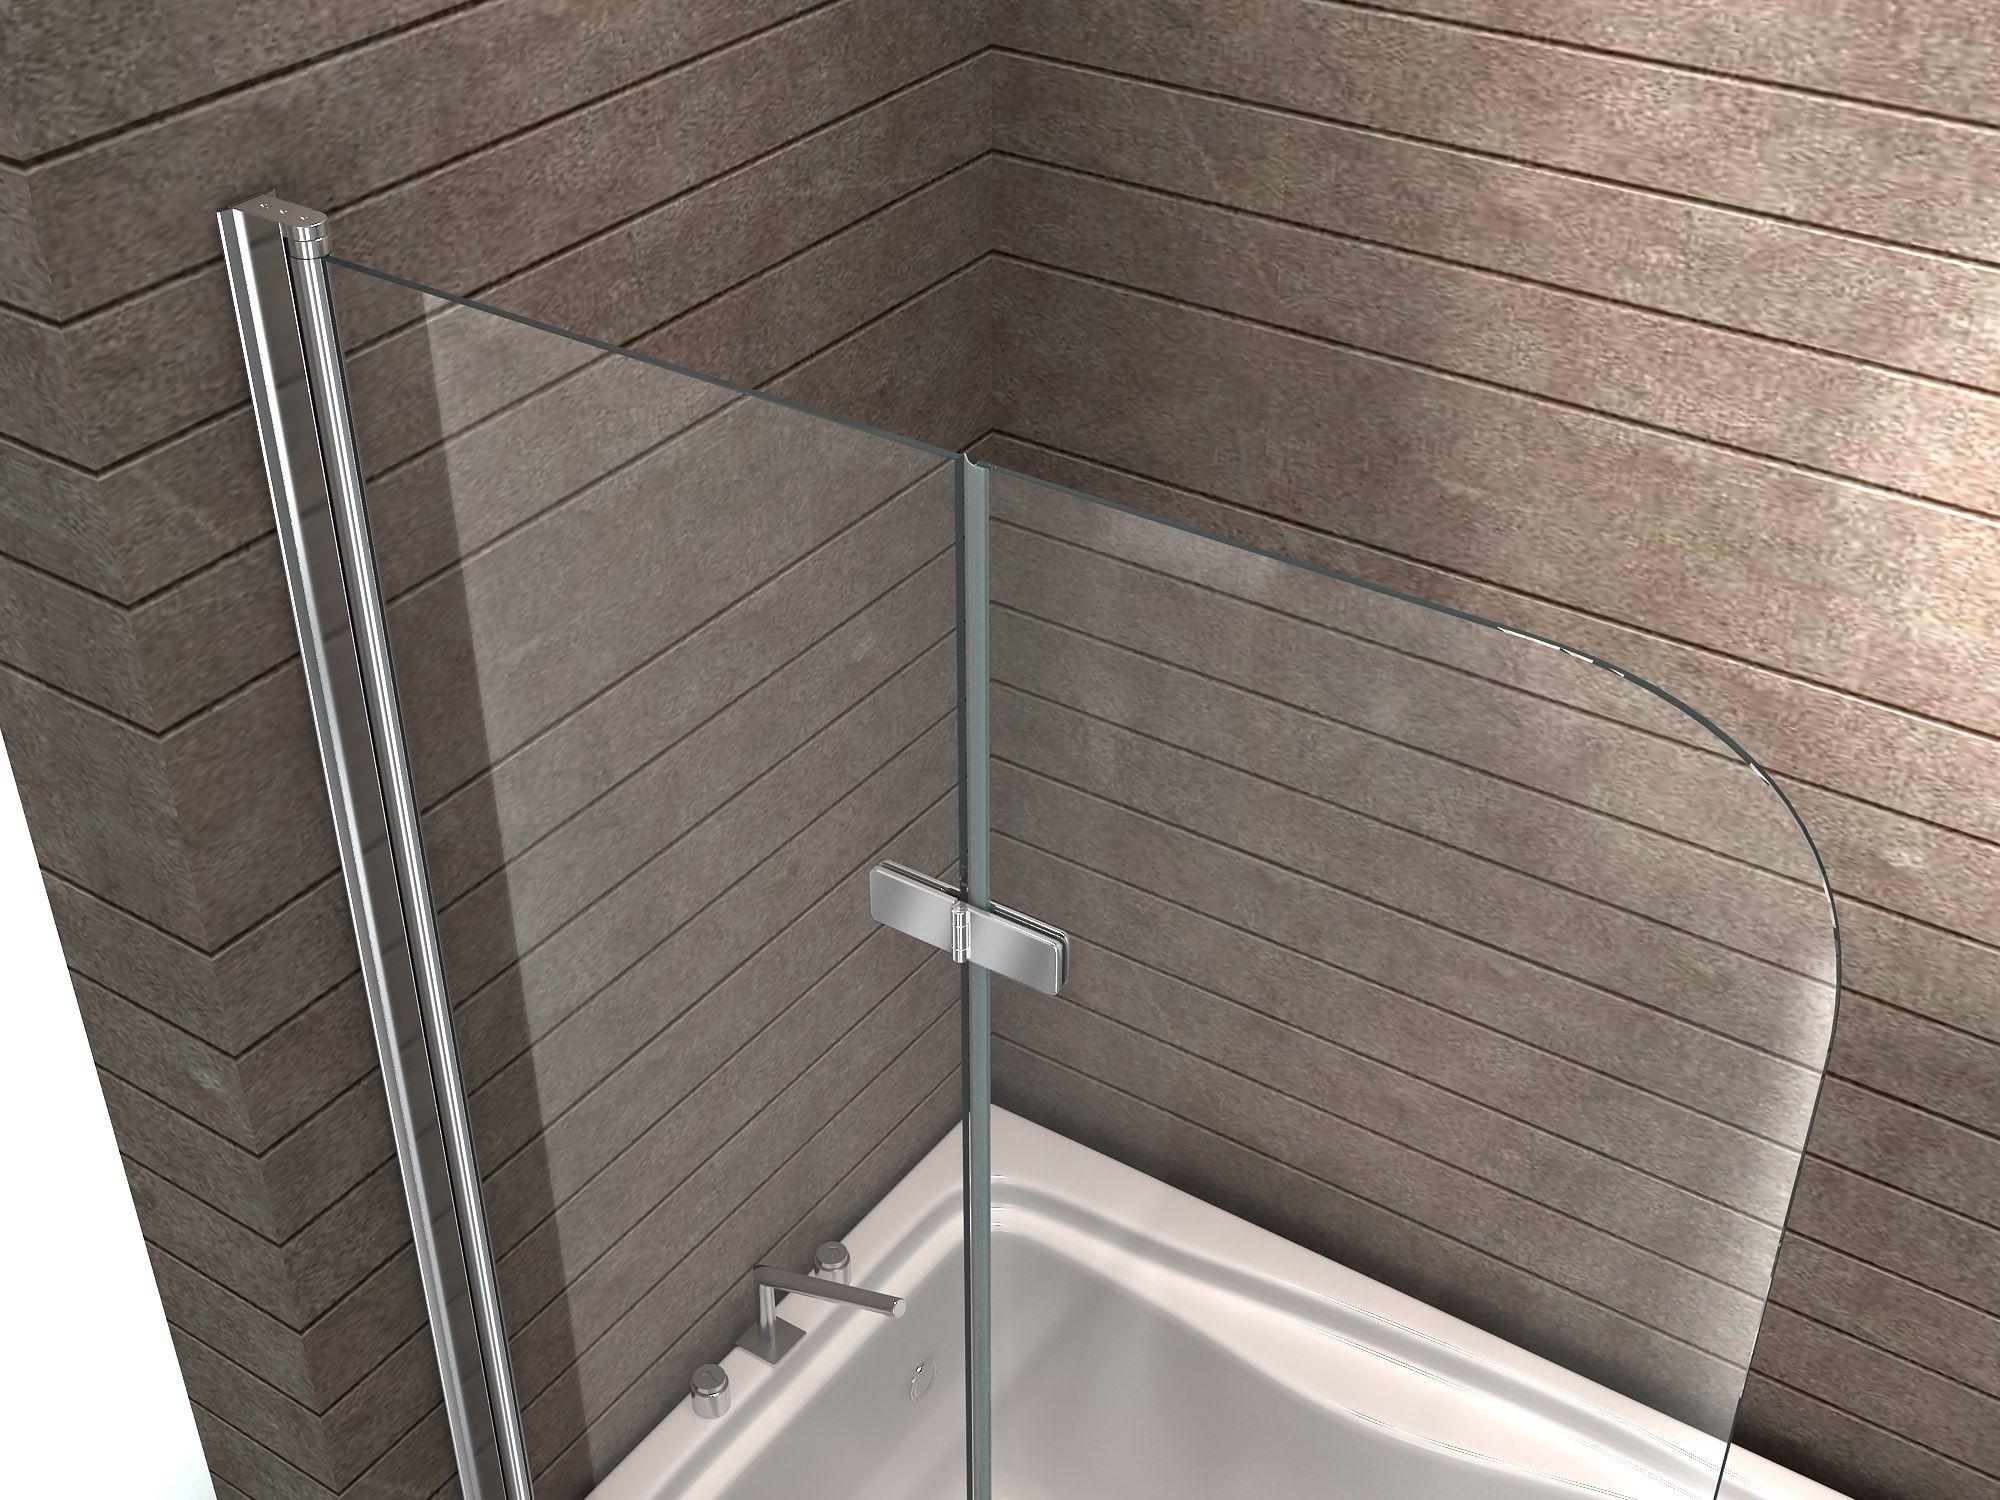 Duschtrennwand Glas : Duschtrennwand BREASE 120 x 140 (Badewanne ...